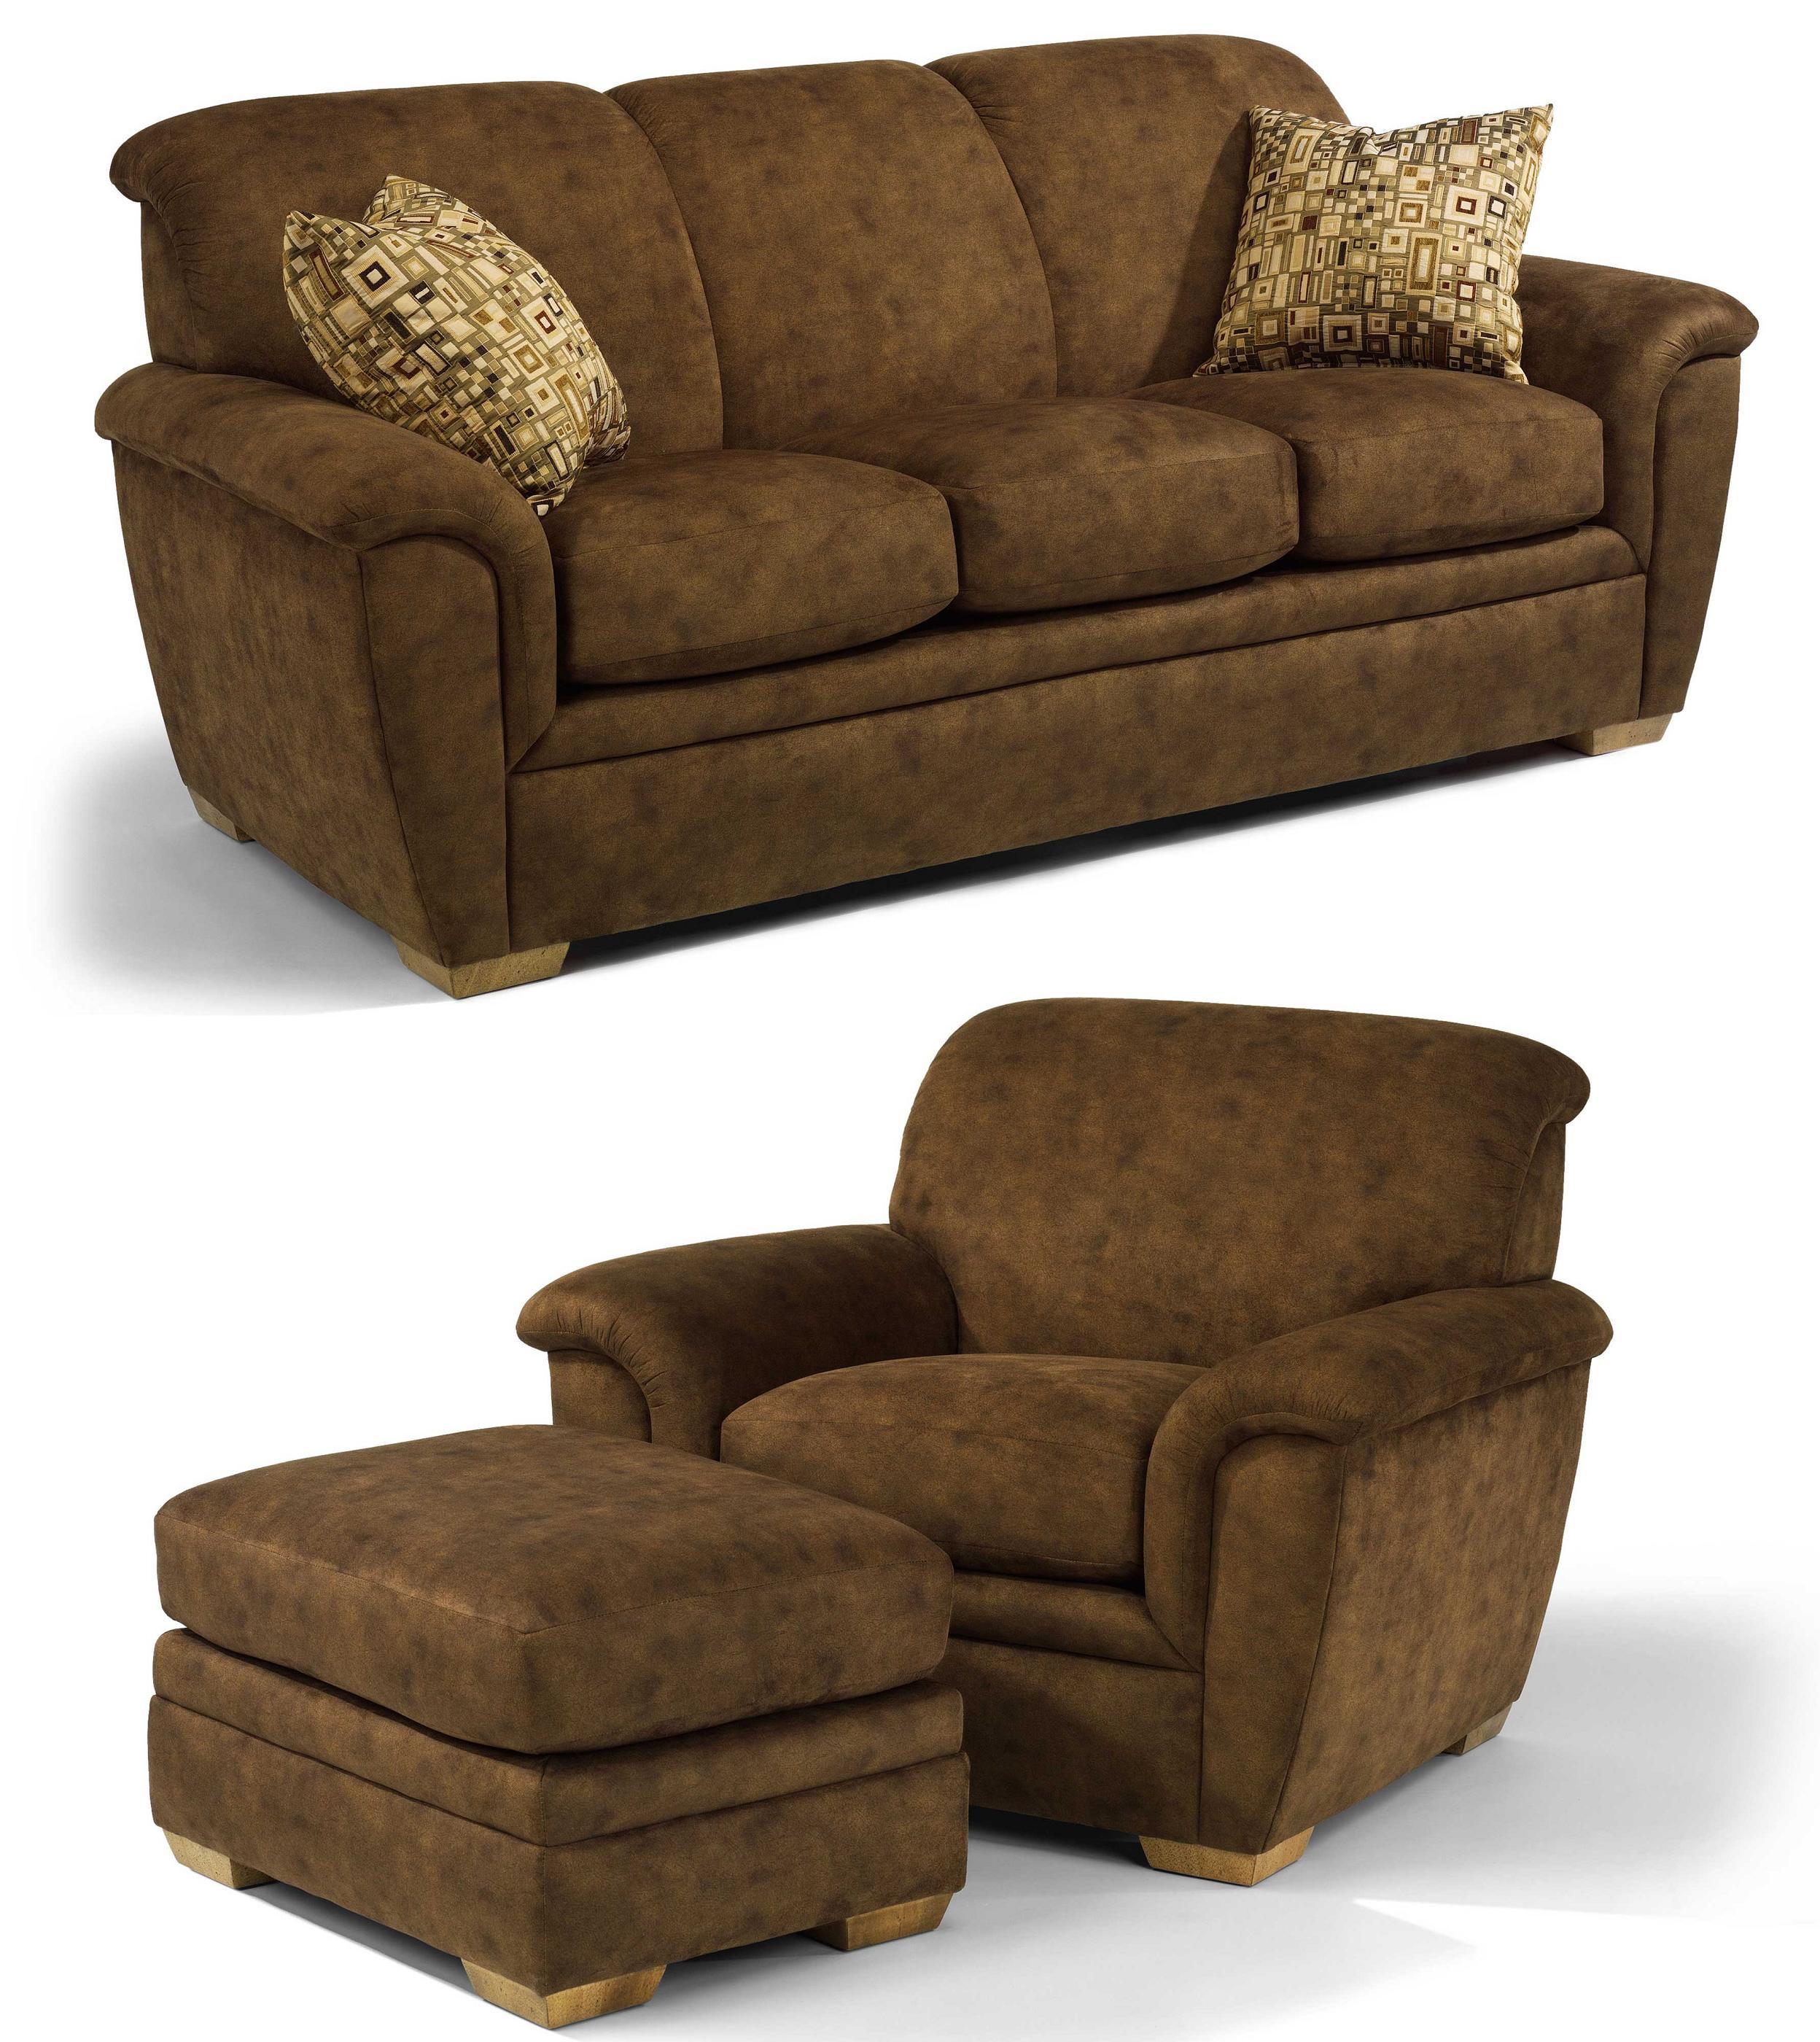 Jasen's Furniture Your Flexsteel Dealers In Michigan